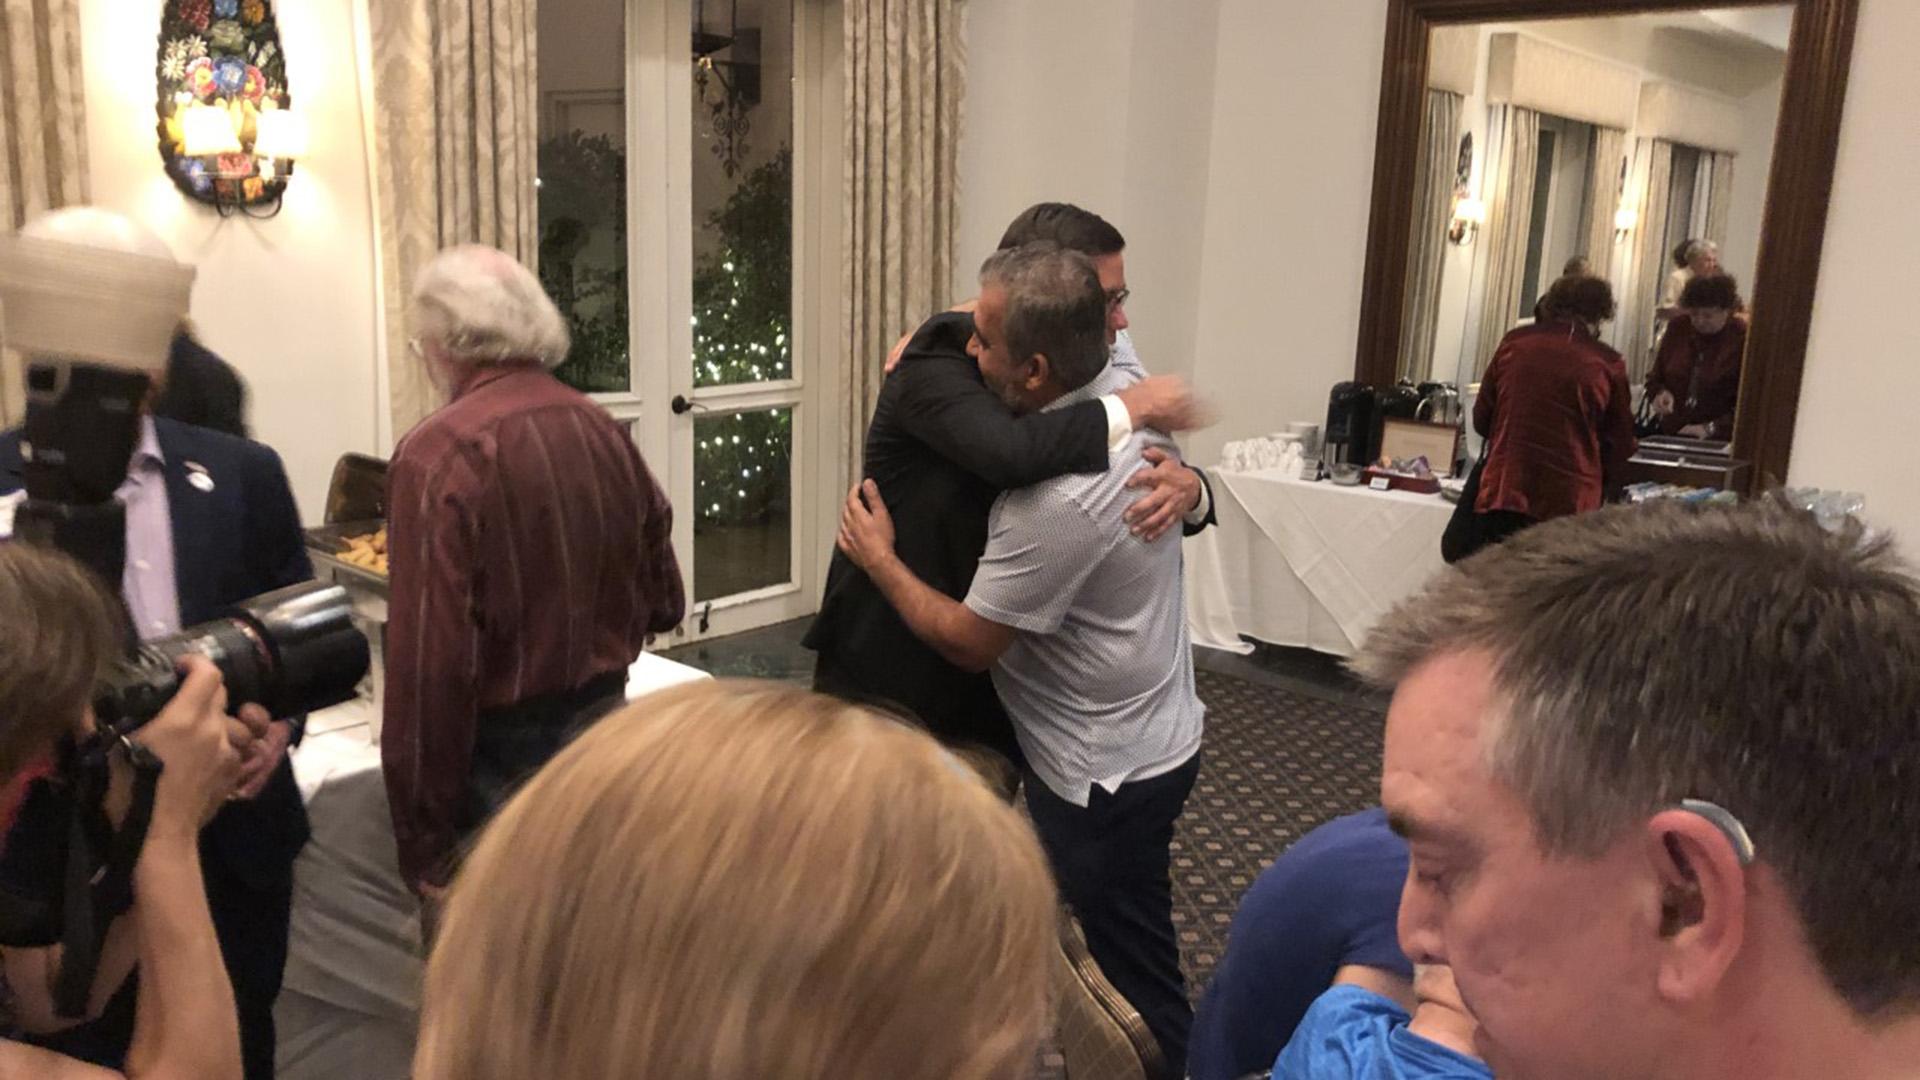 Farley hugs supporter